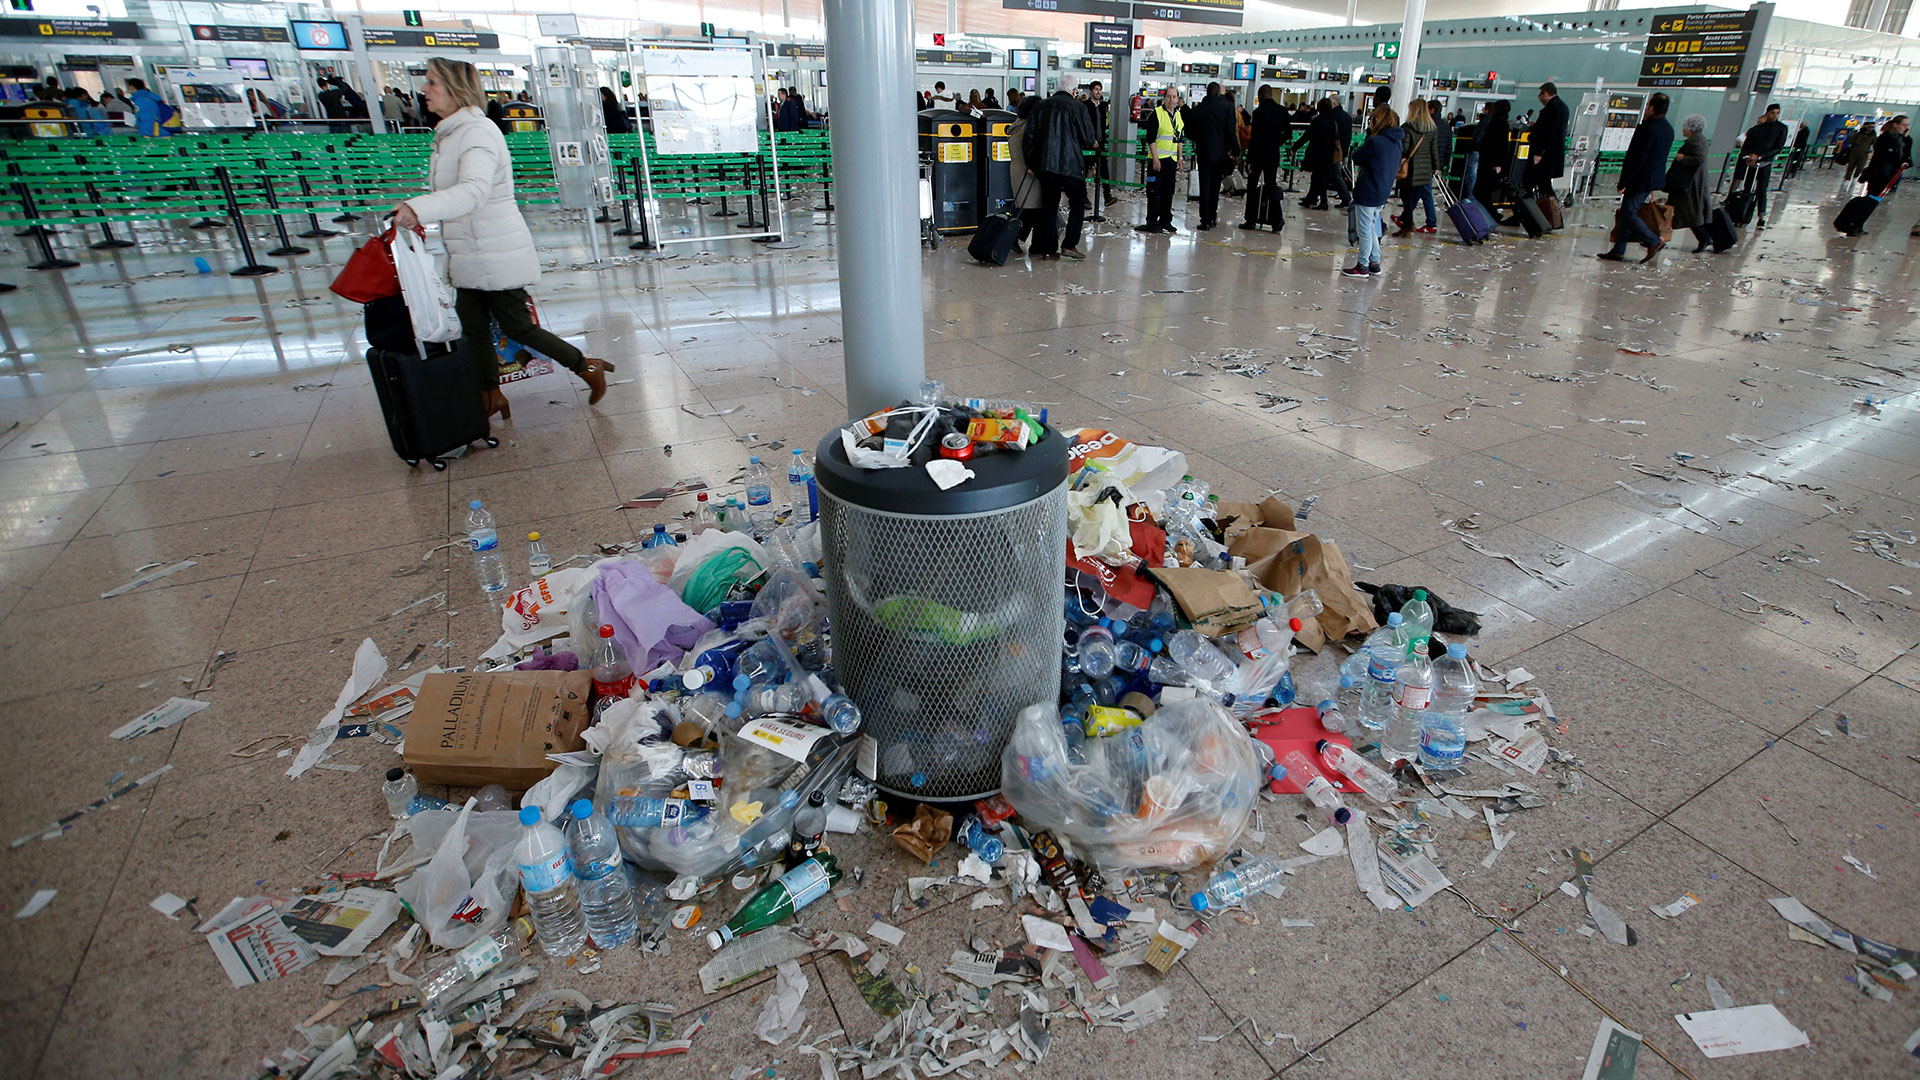 """Según El País, la huelga fue apoyada por """"prácticamente"""" el total de la plantilla, formada por 350 trabajadores, que cada día se han manifestado en las dos terminales esparciendo papeles y basura no orgánica por los suelos."""